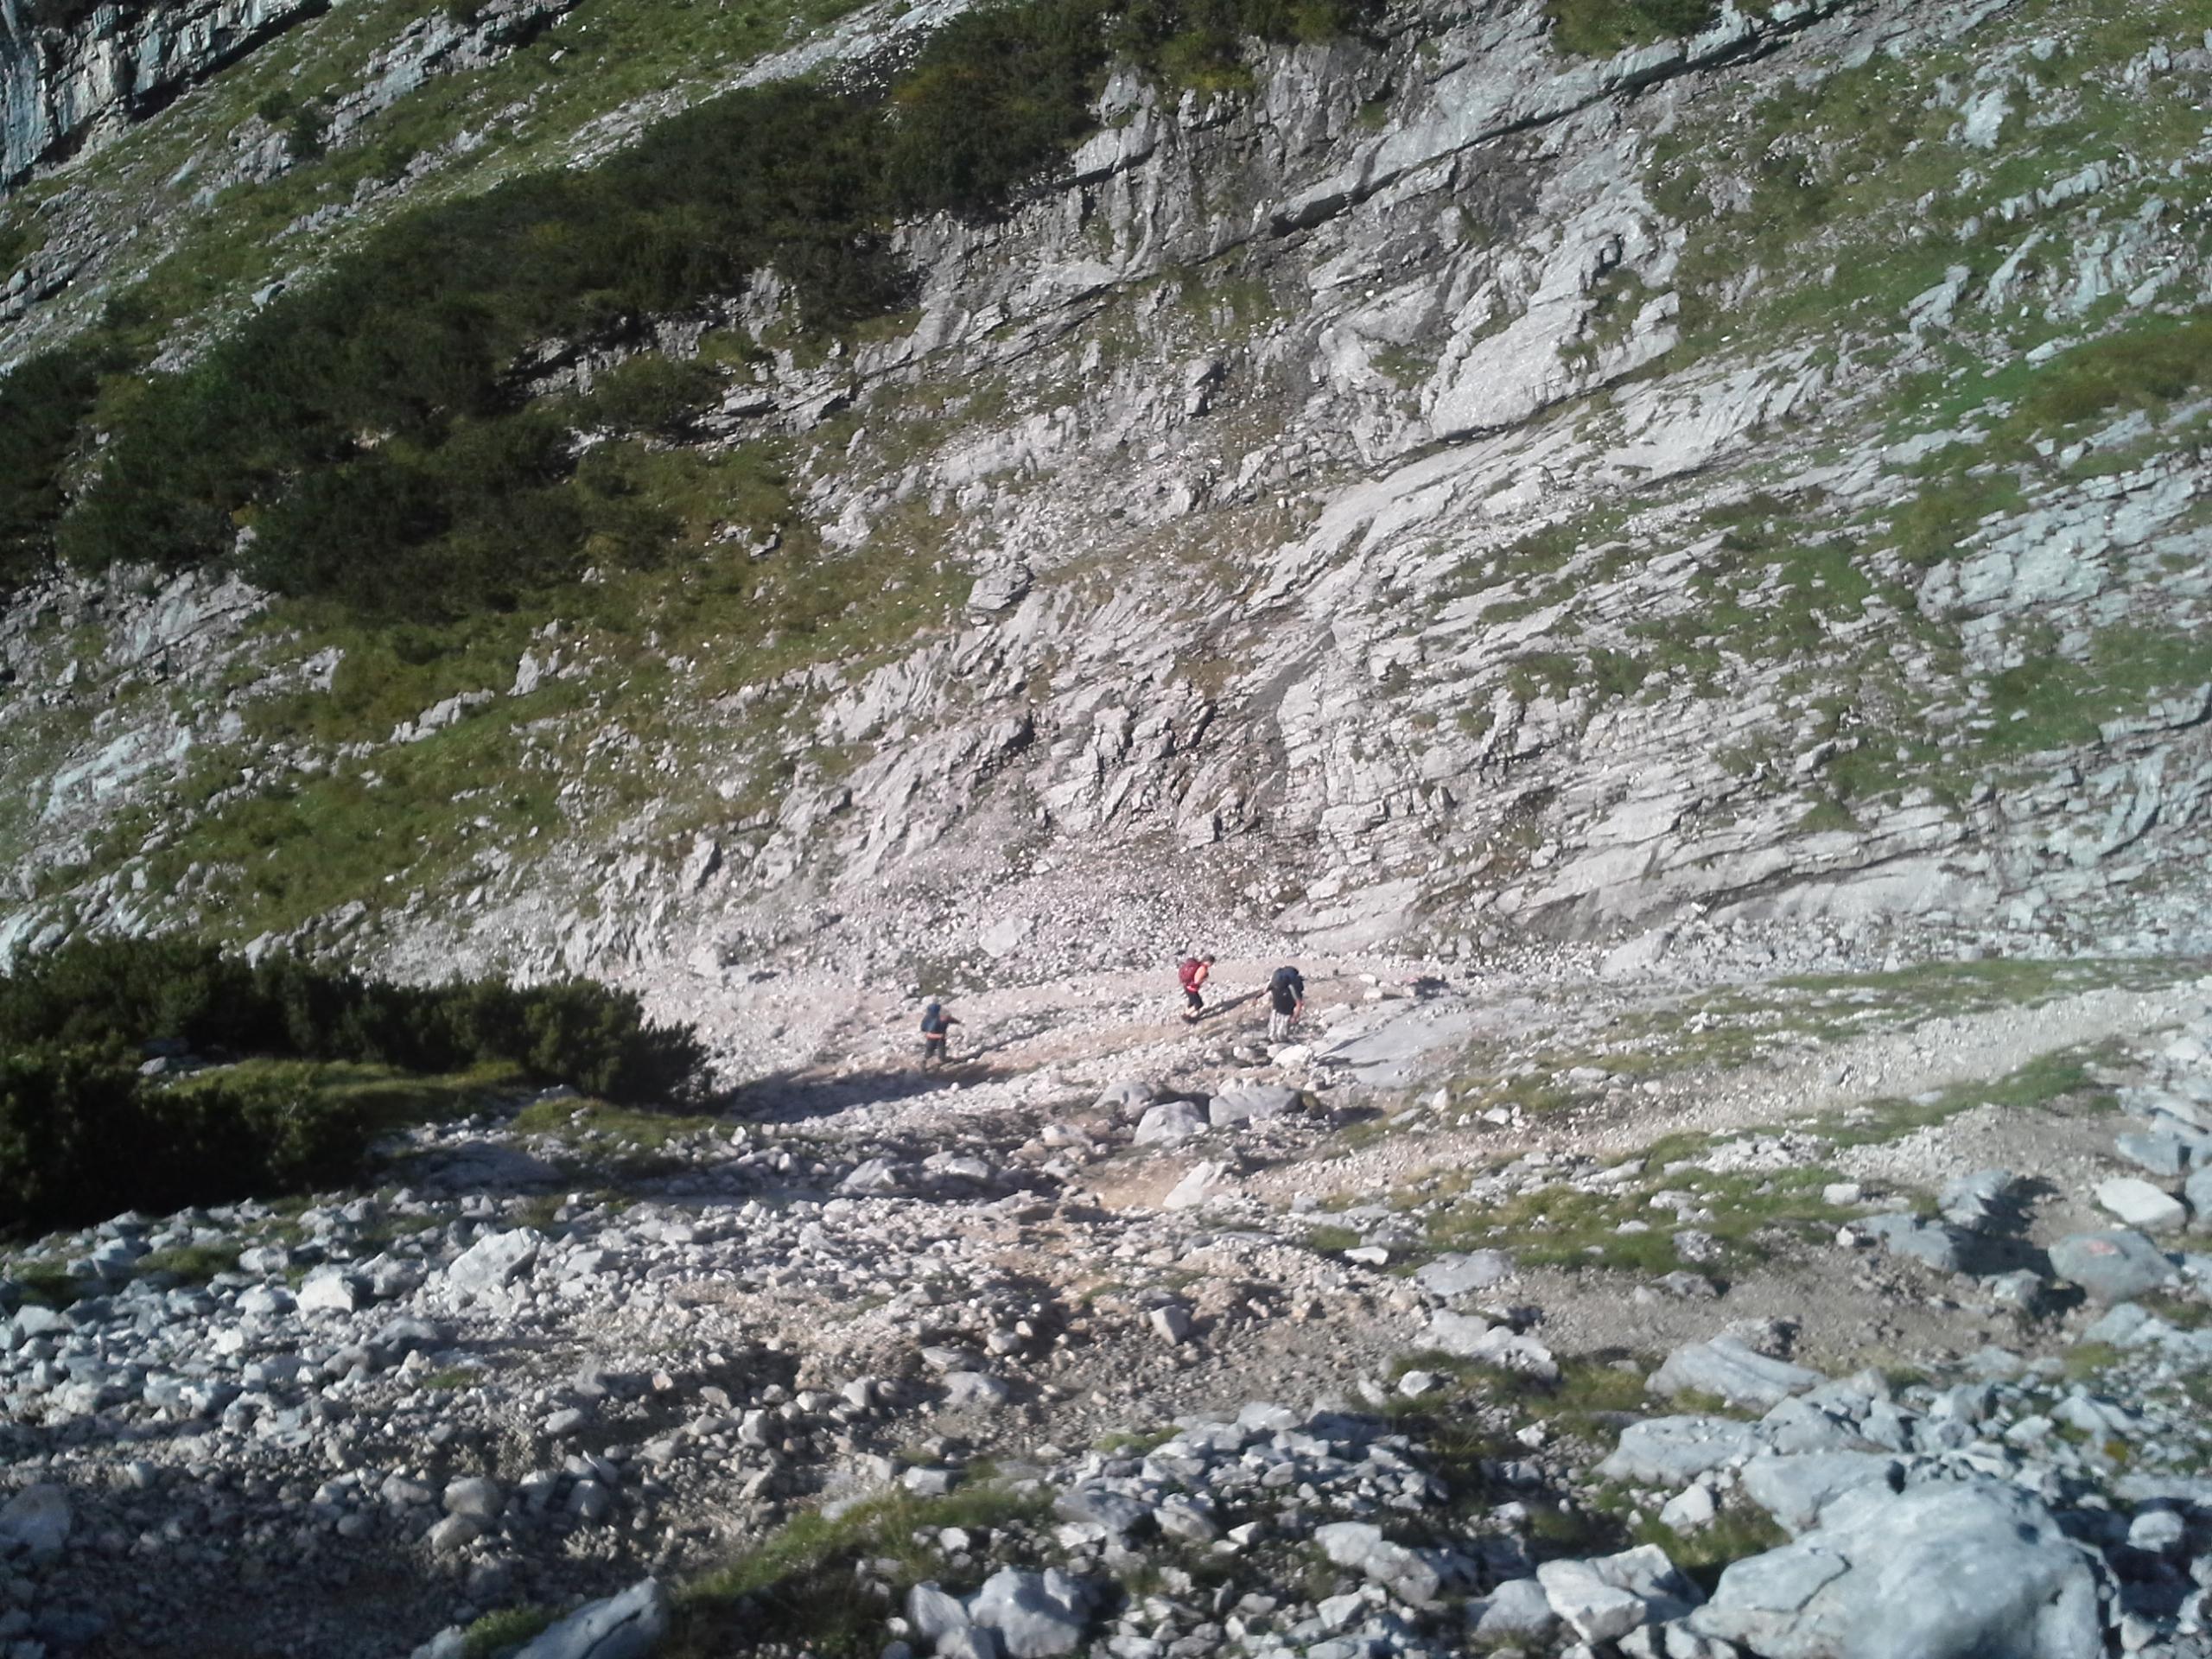 Durchs Reintal auf die Zugspitze Hüttentour FjellaDurchs Reintal auf die Zugspitze Hüttentour Fjella